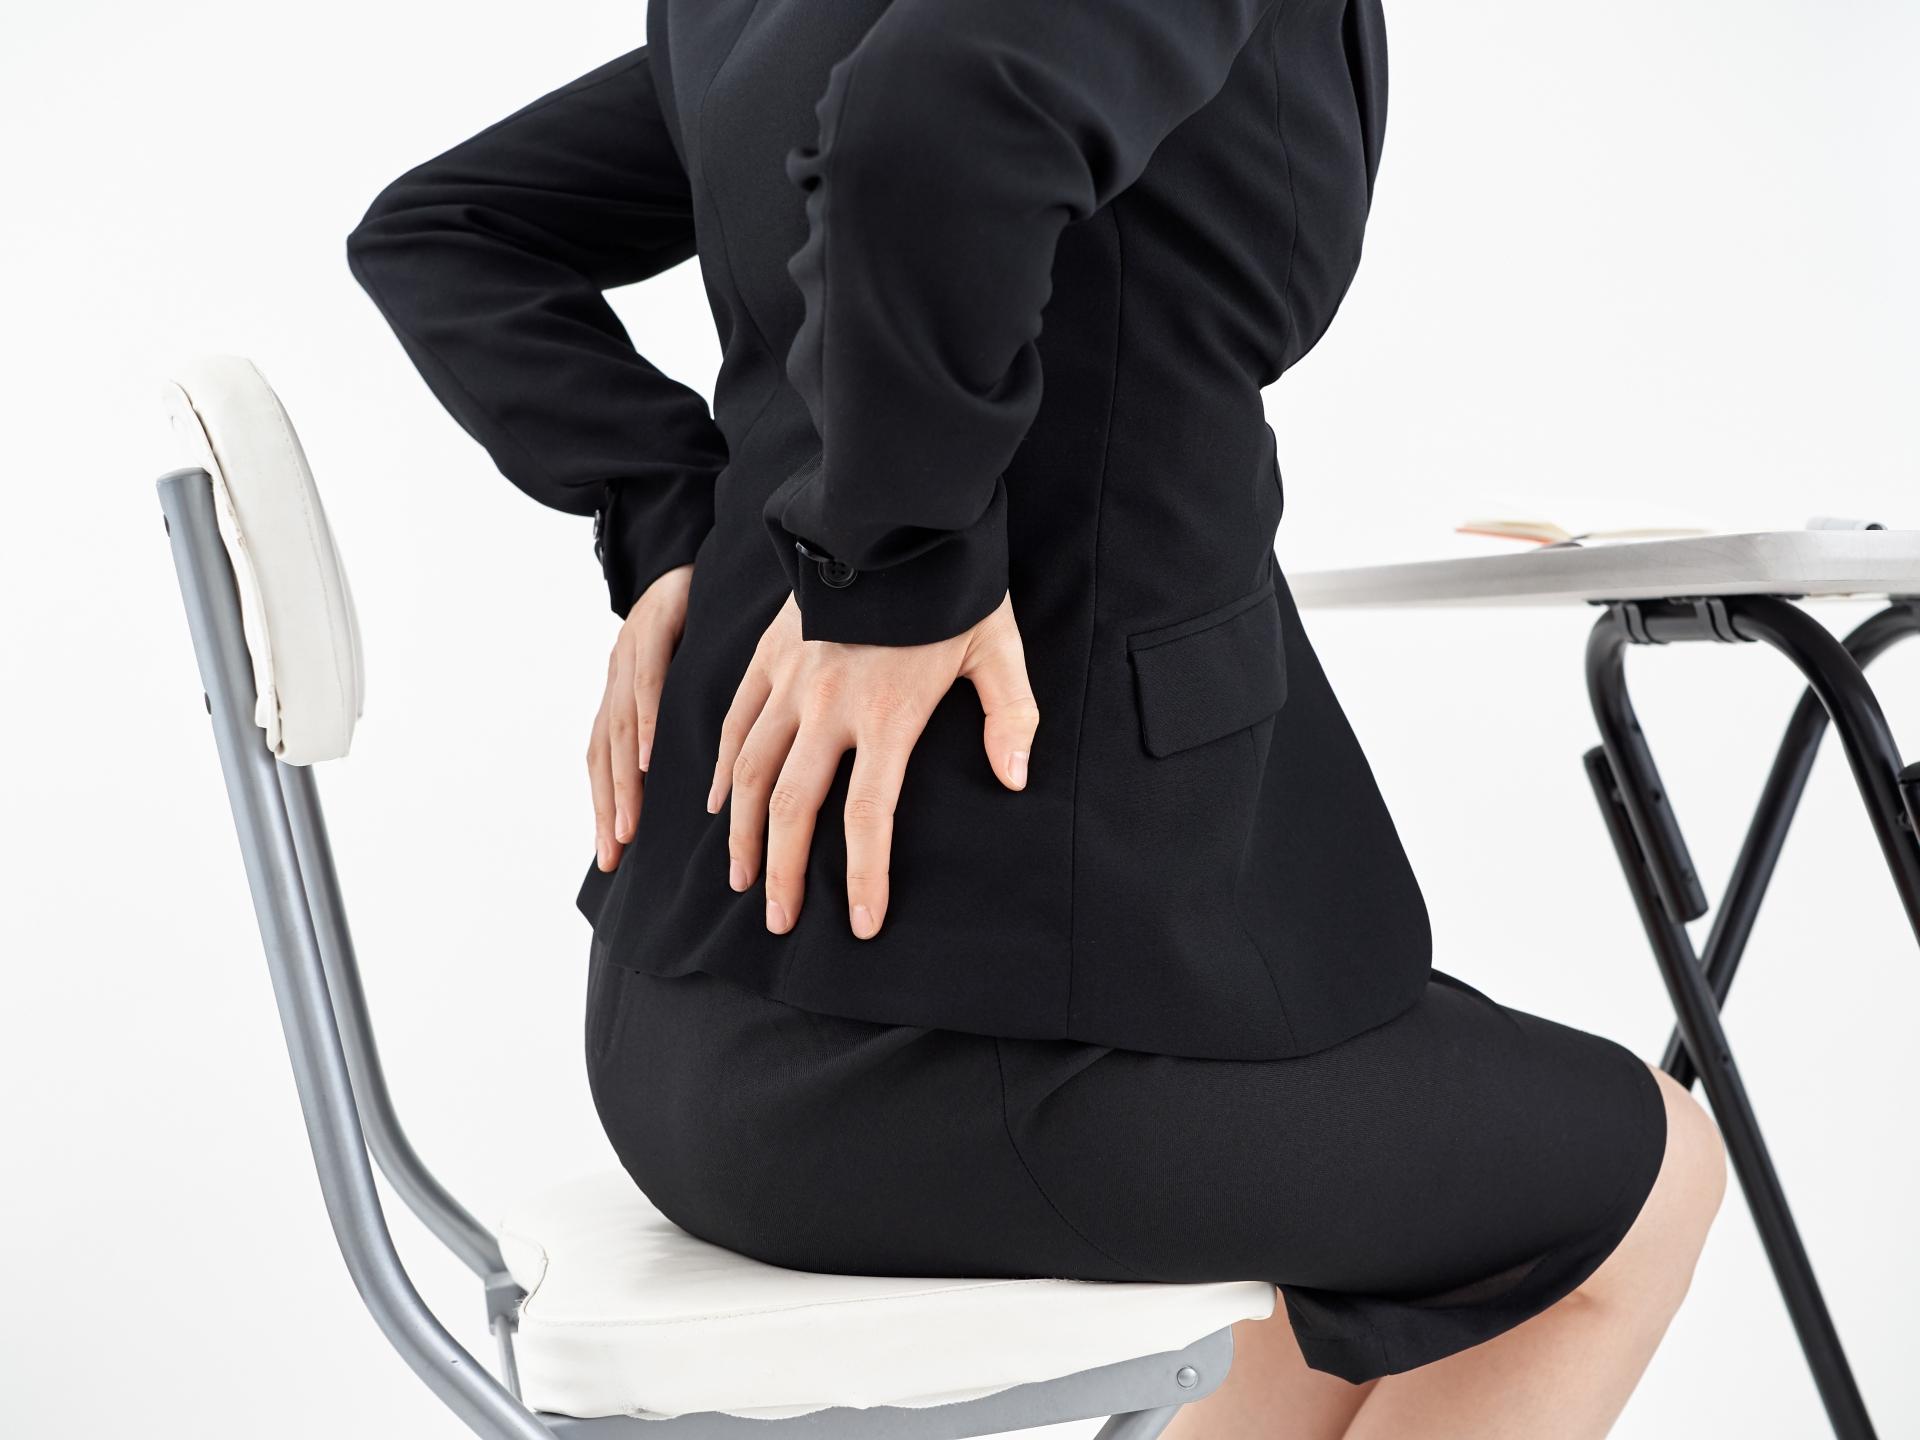 長時間座ると腰痛が悪化! その原因と対策とは?